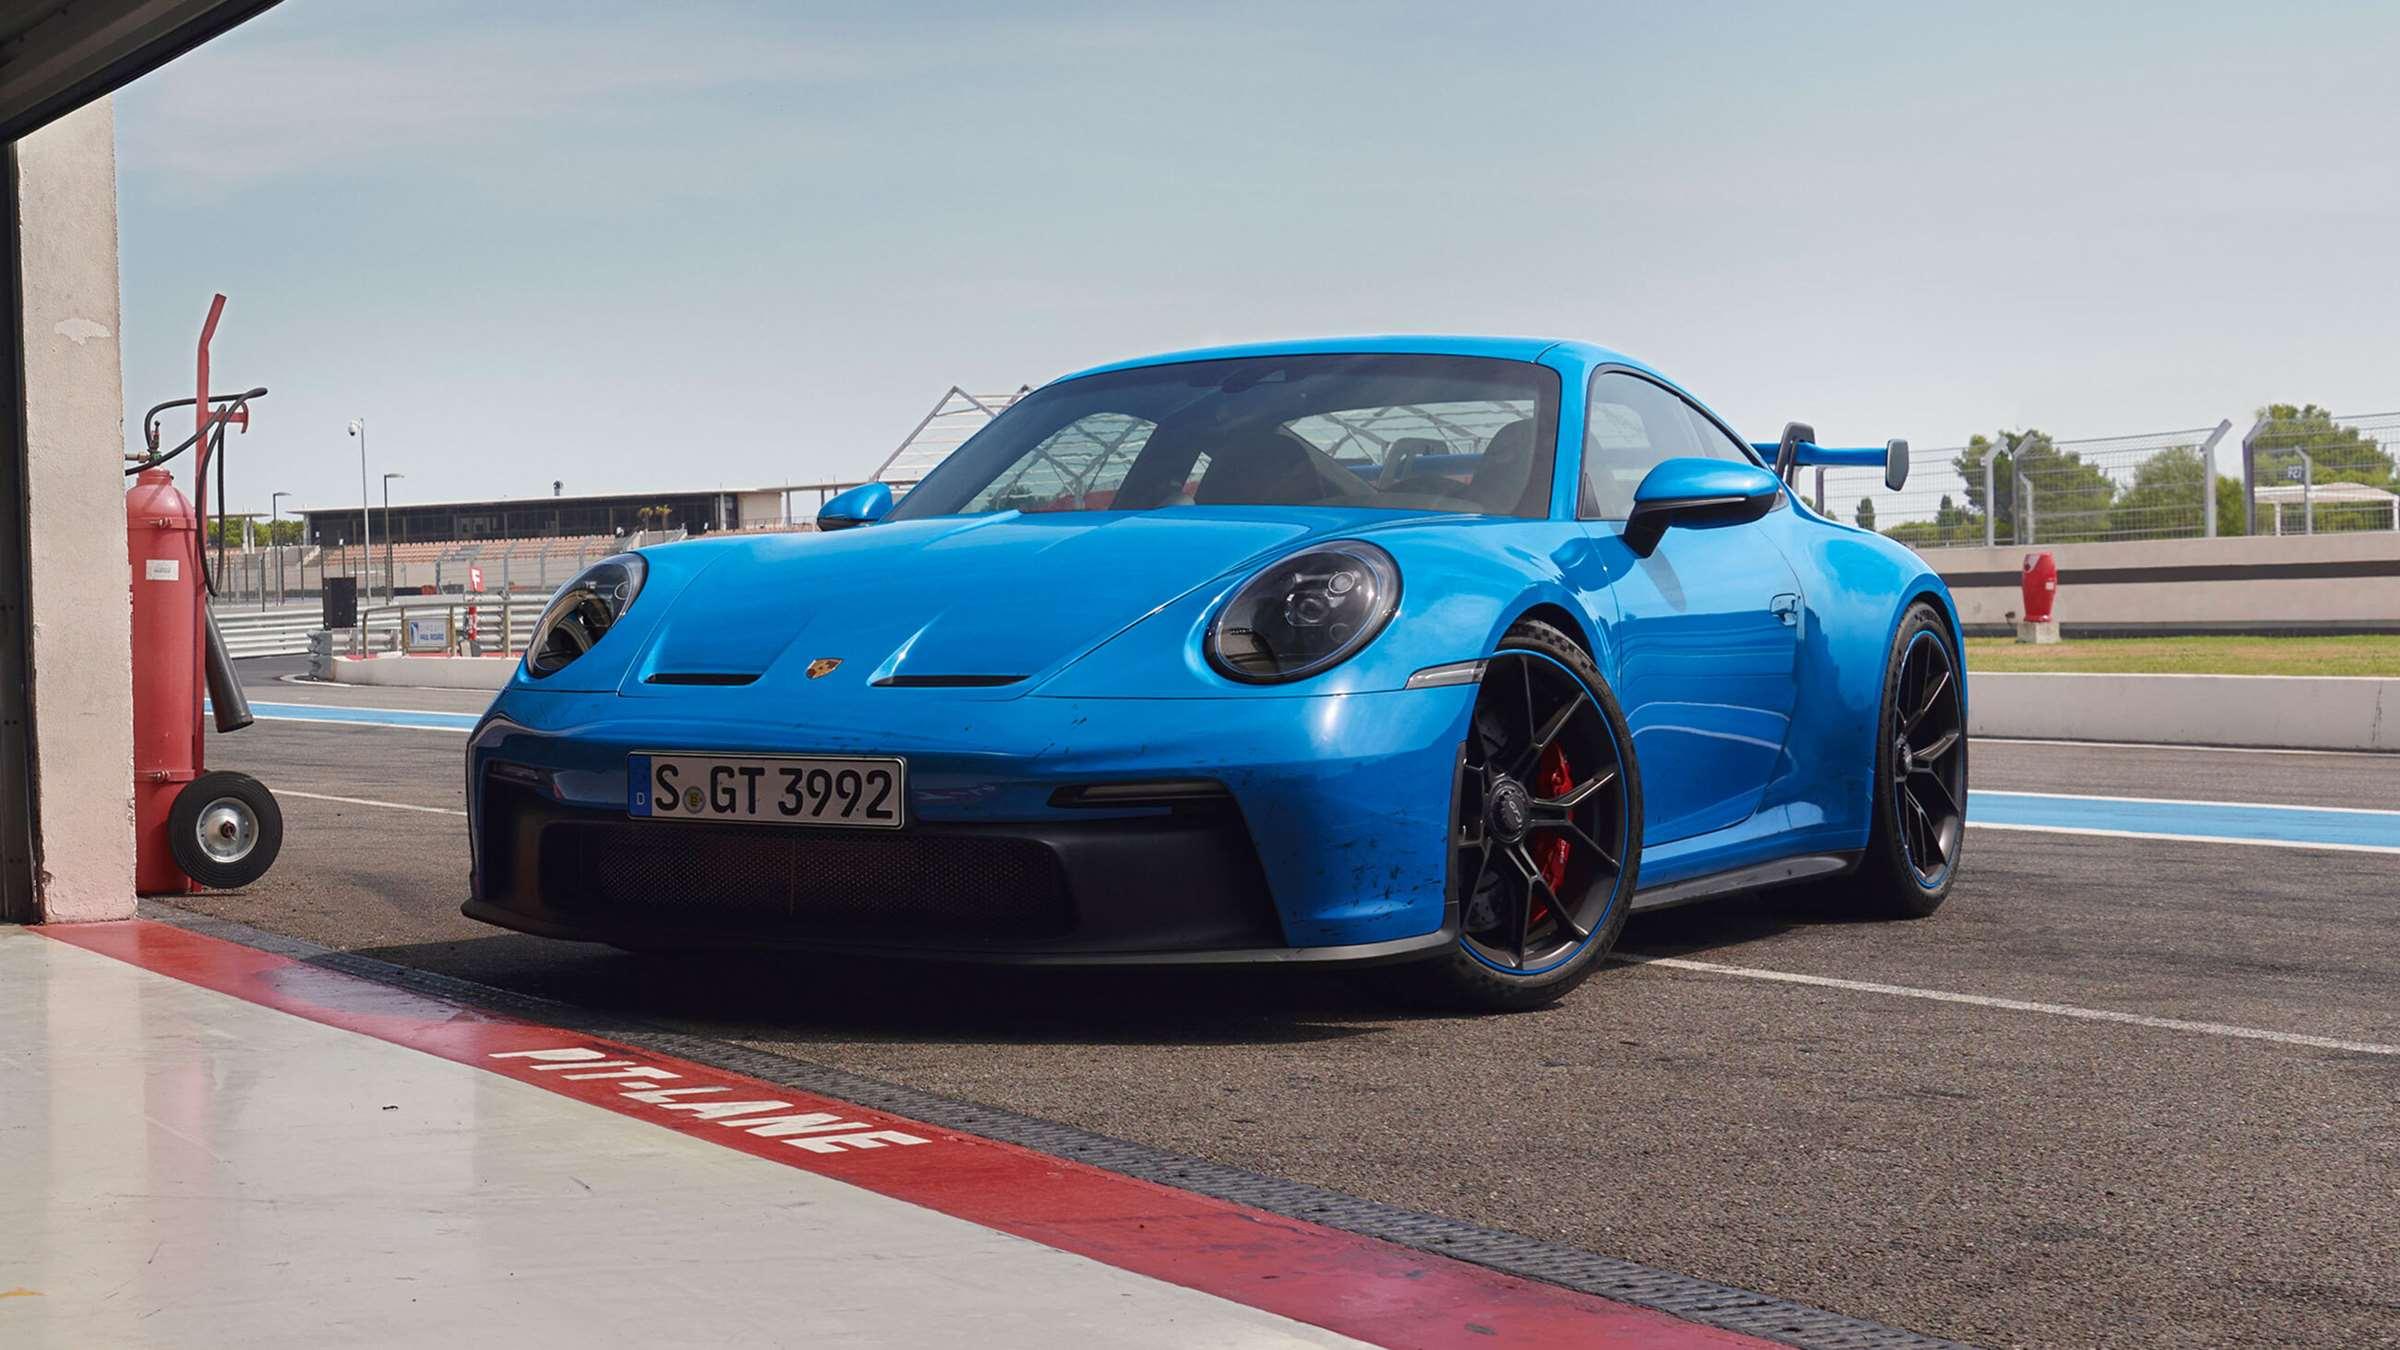 Porsche 992 GT3   2021 - Page 2 Porsche-911-gt3-992-price-goodwood-15022021